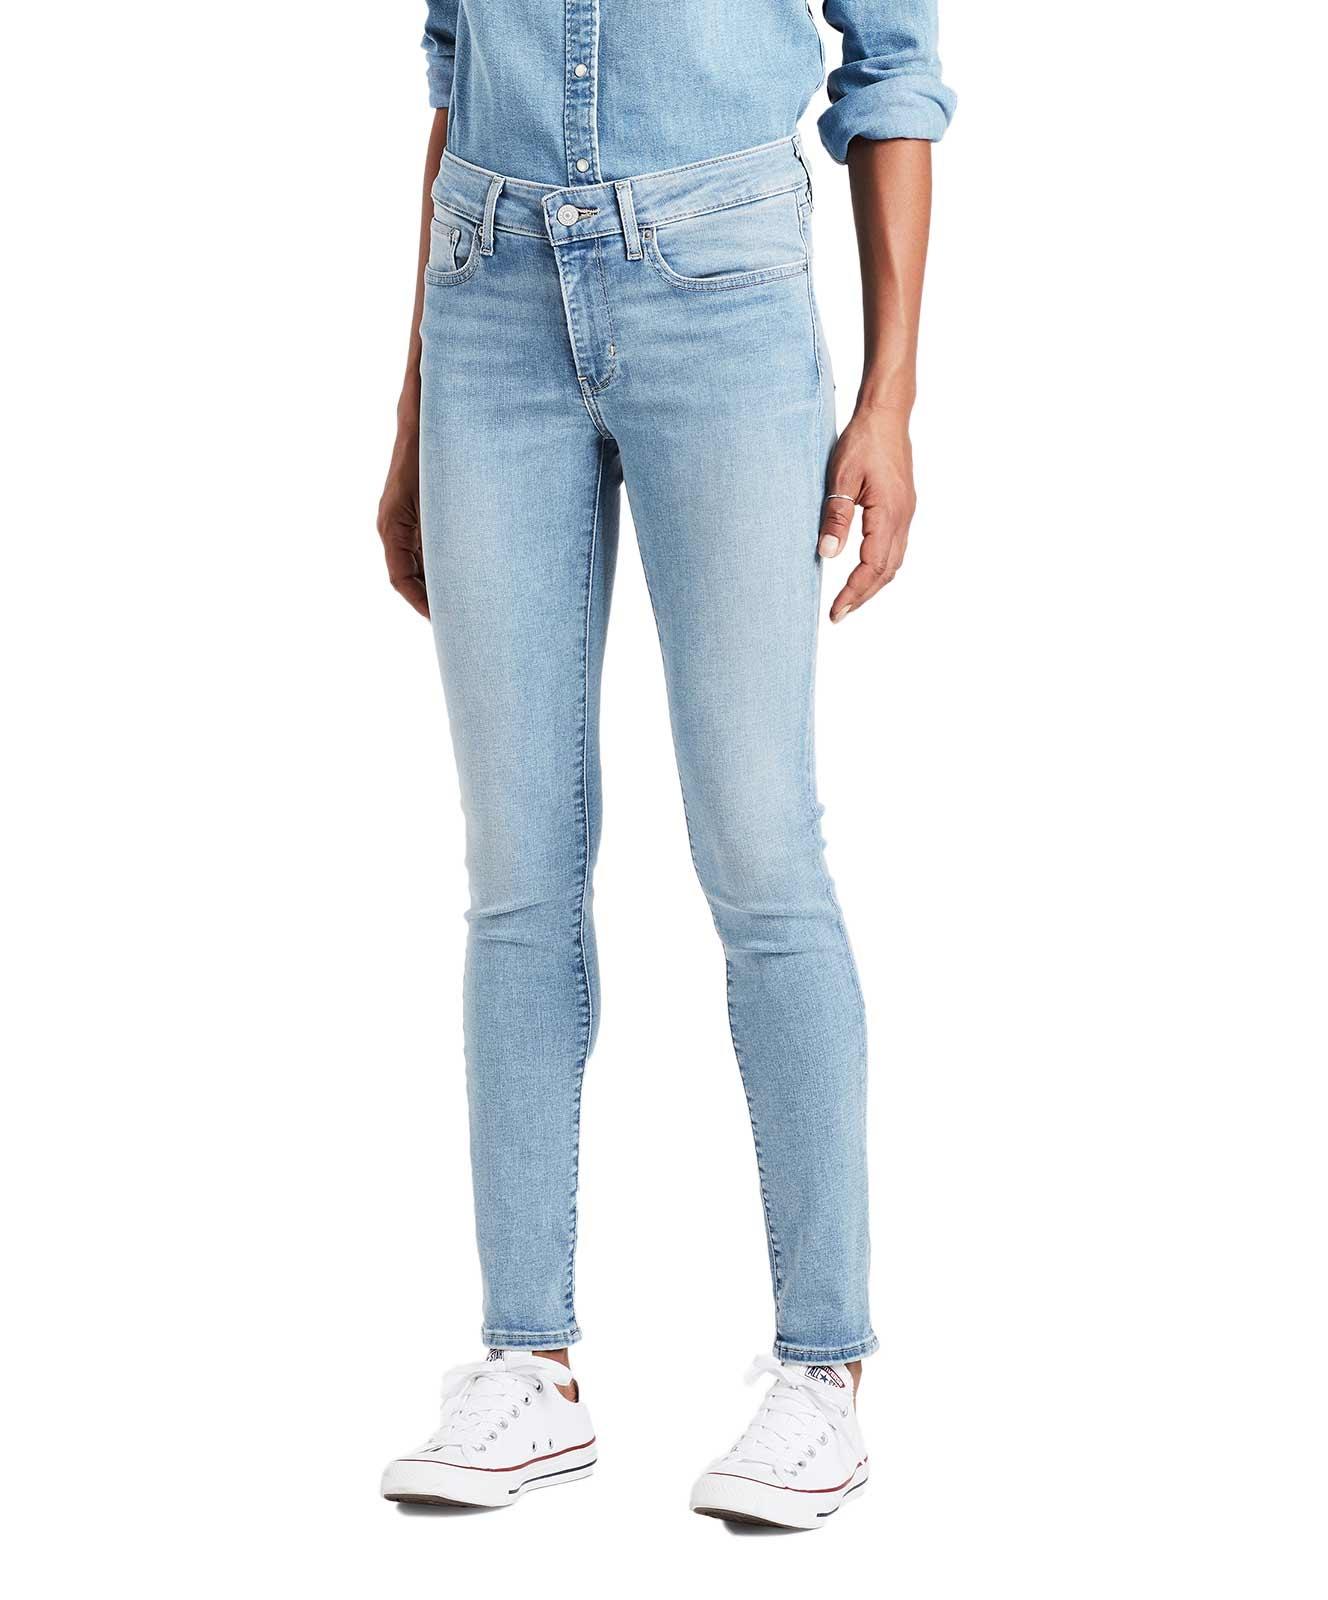 Hosen für Frauen - Levi's 711 Enge Jeans in hellblau mit mittelhohem Bund  - Onlineshop Jeans Meile